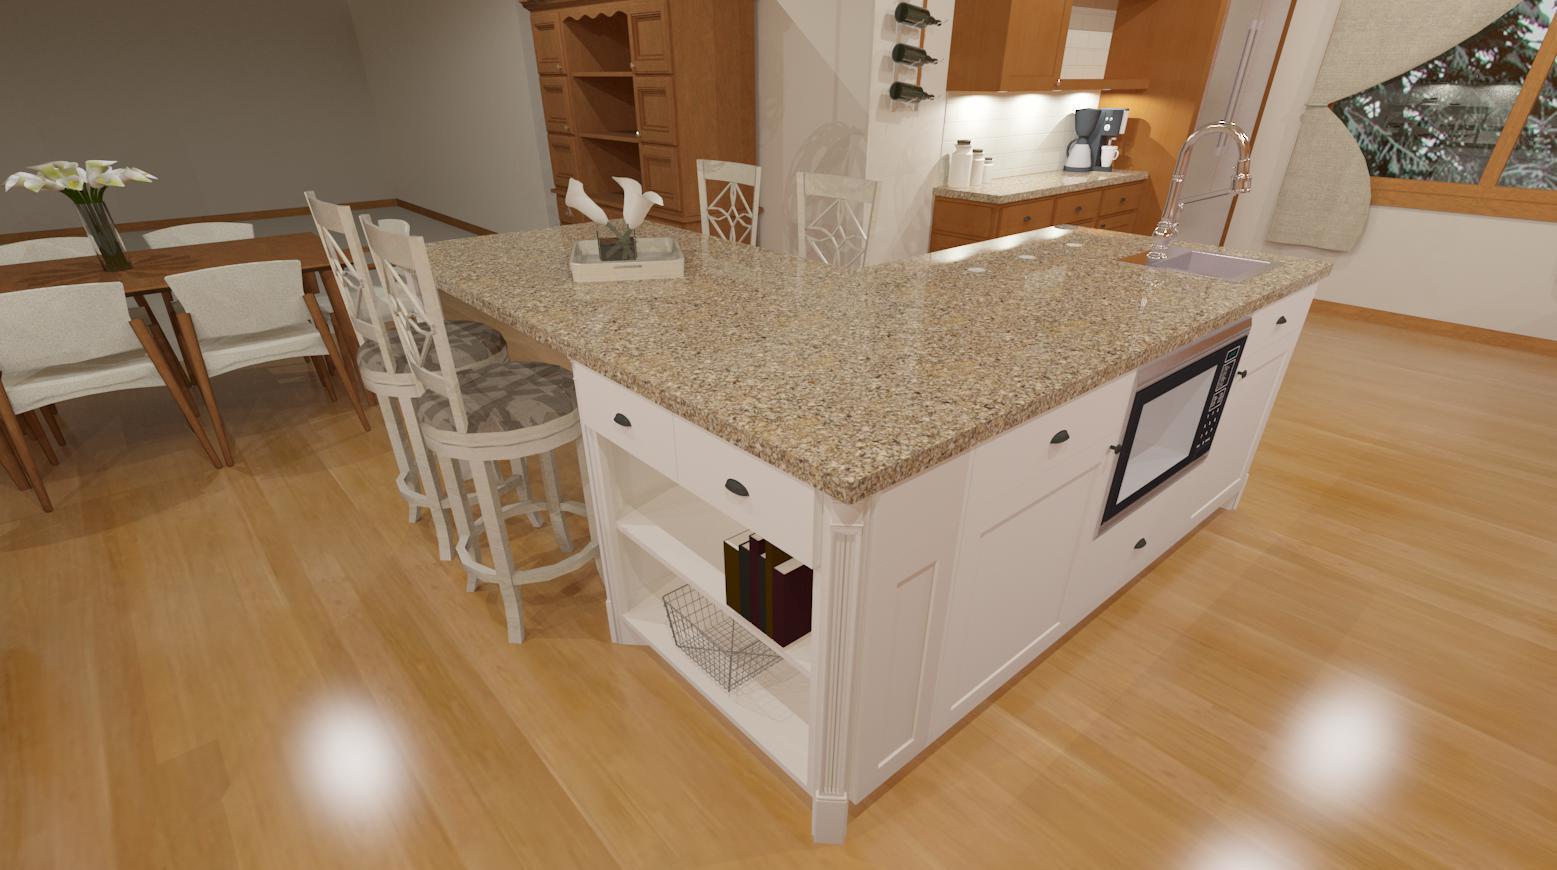 Ivanovich-Kitchen #2.jpg